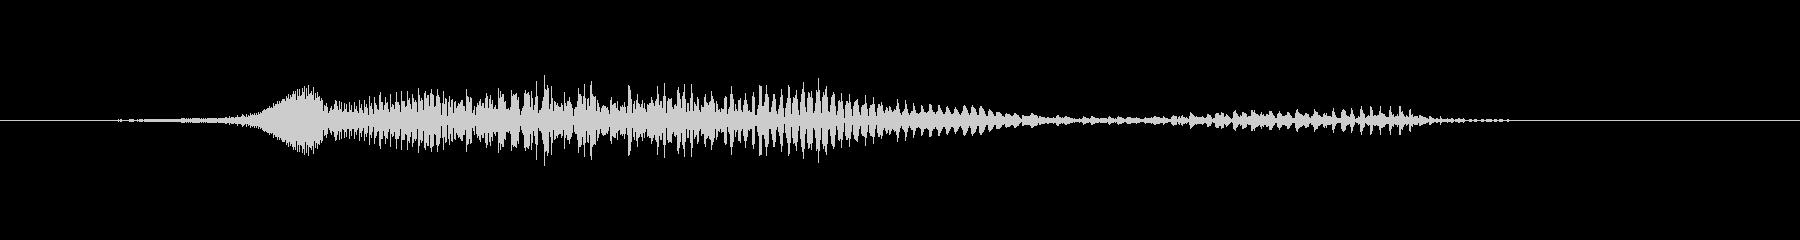 アクション ダメージ 「うああぁっ」の未再生の波形